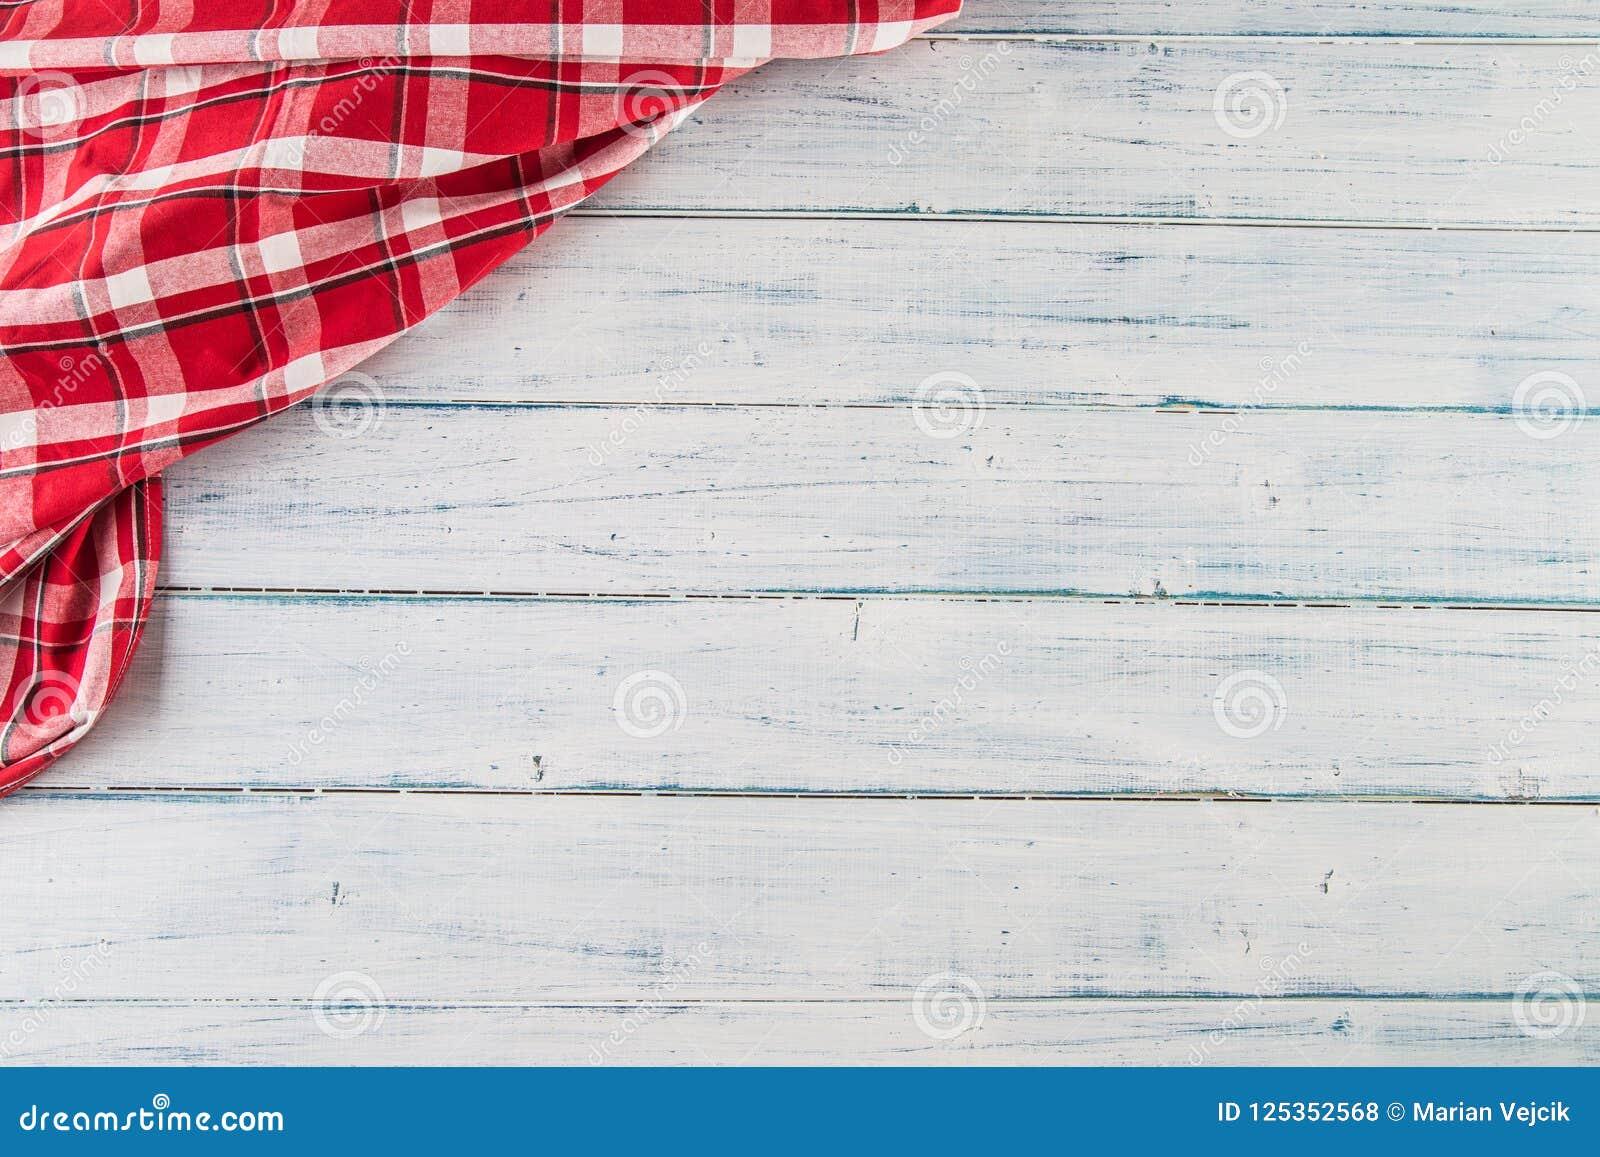 Wierzchołek widoku czerwony w kratkę tablecloth na drewnianym stole